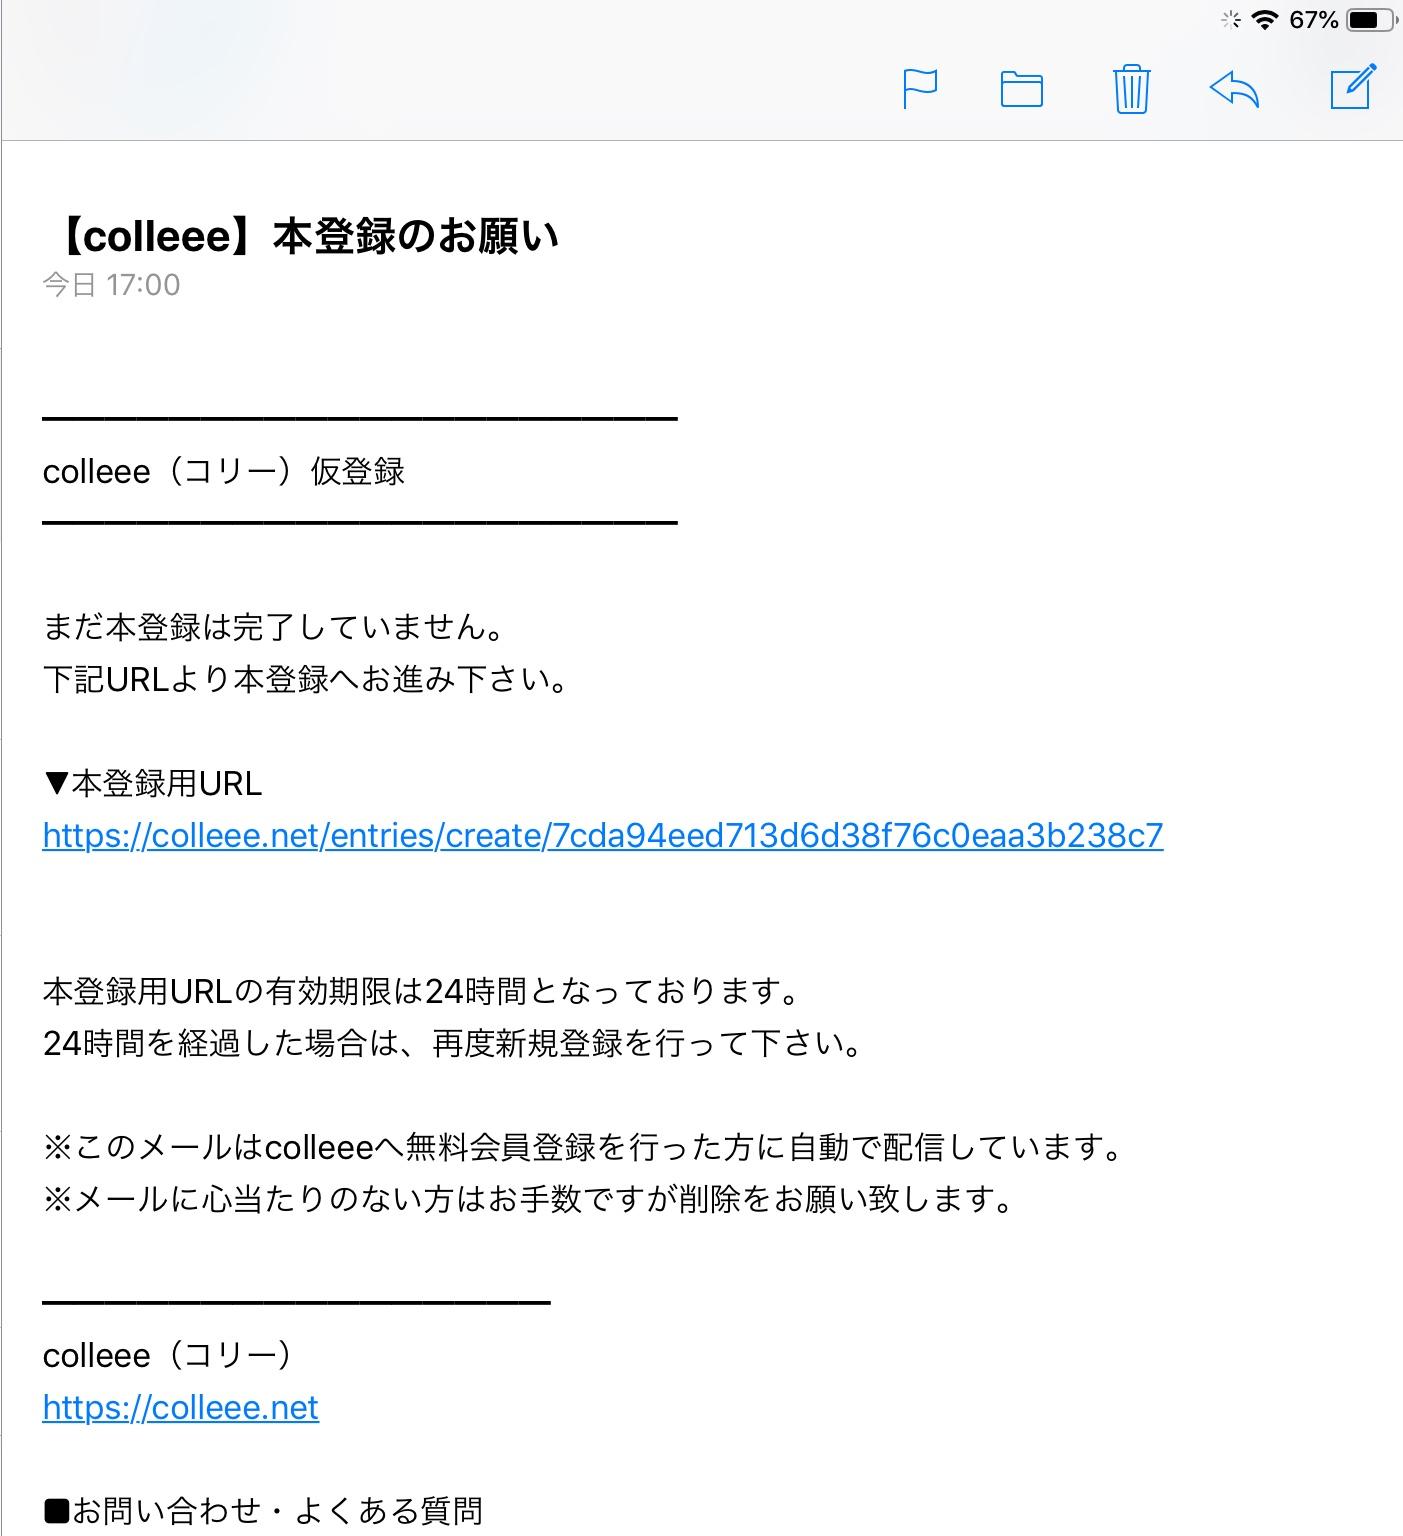 本登録メール